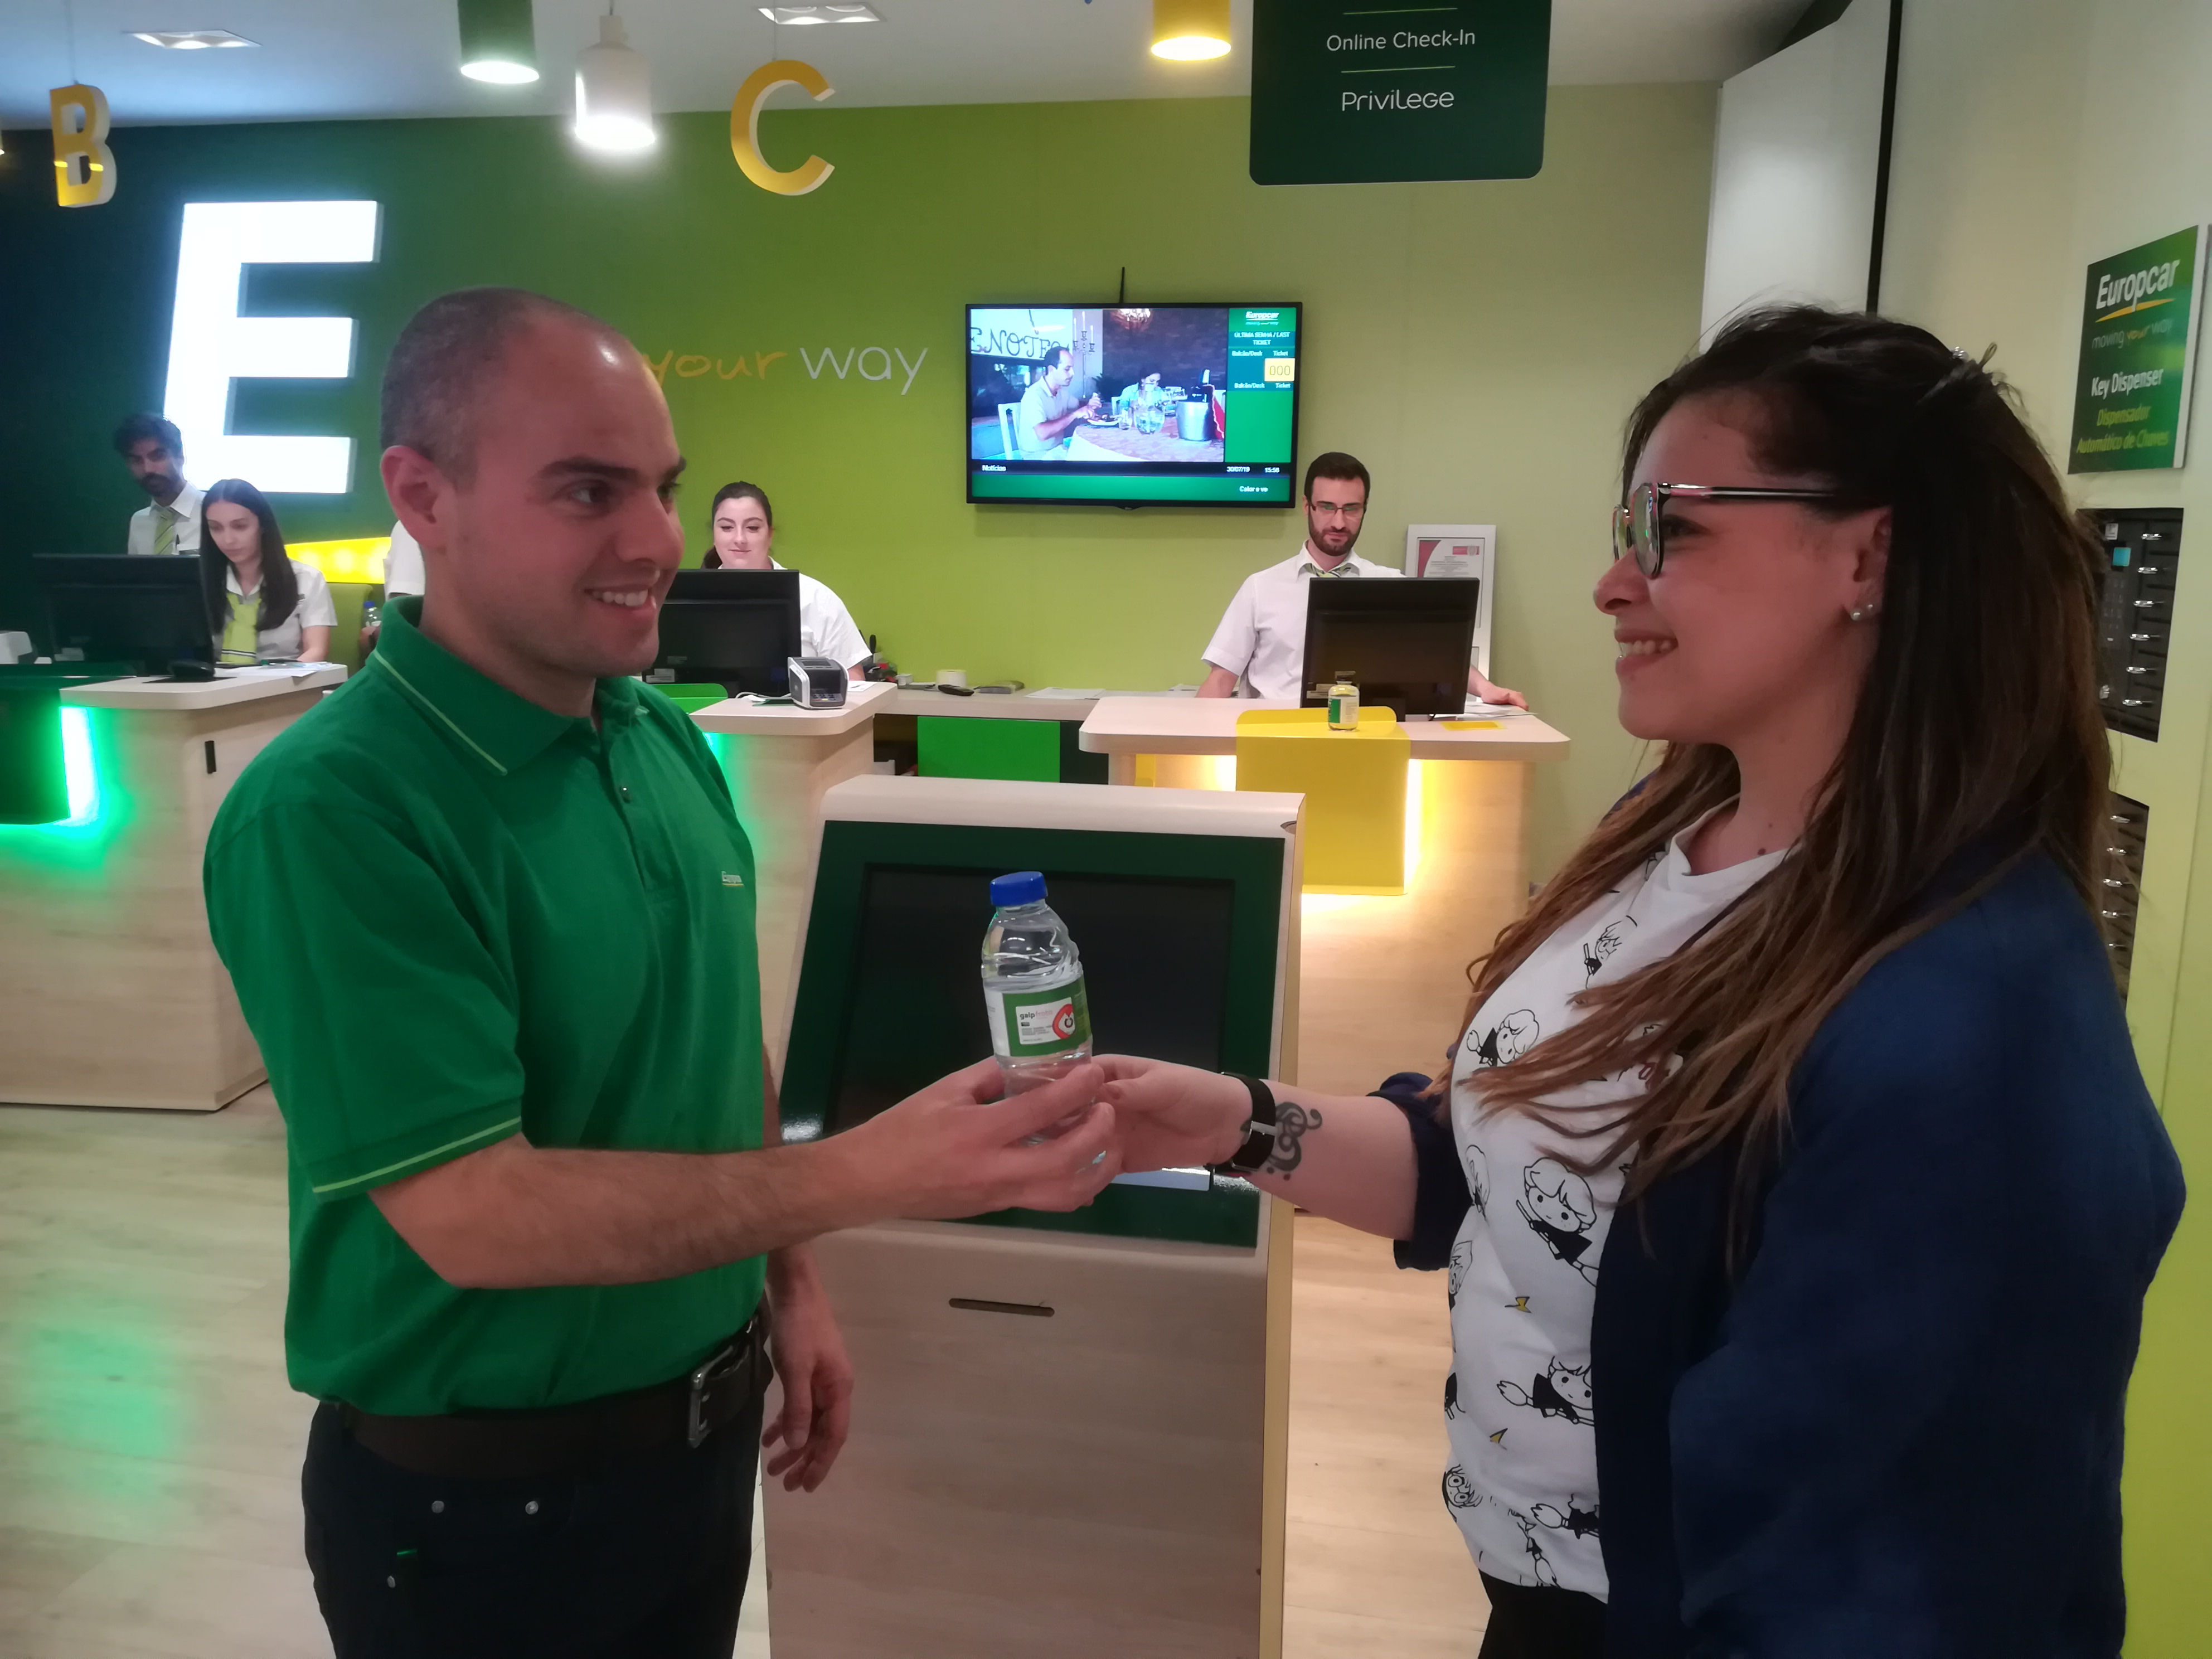 A Galp tem uma parceria com a Europcar!